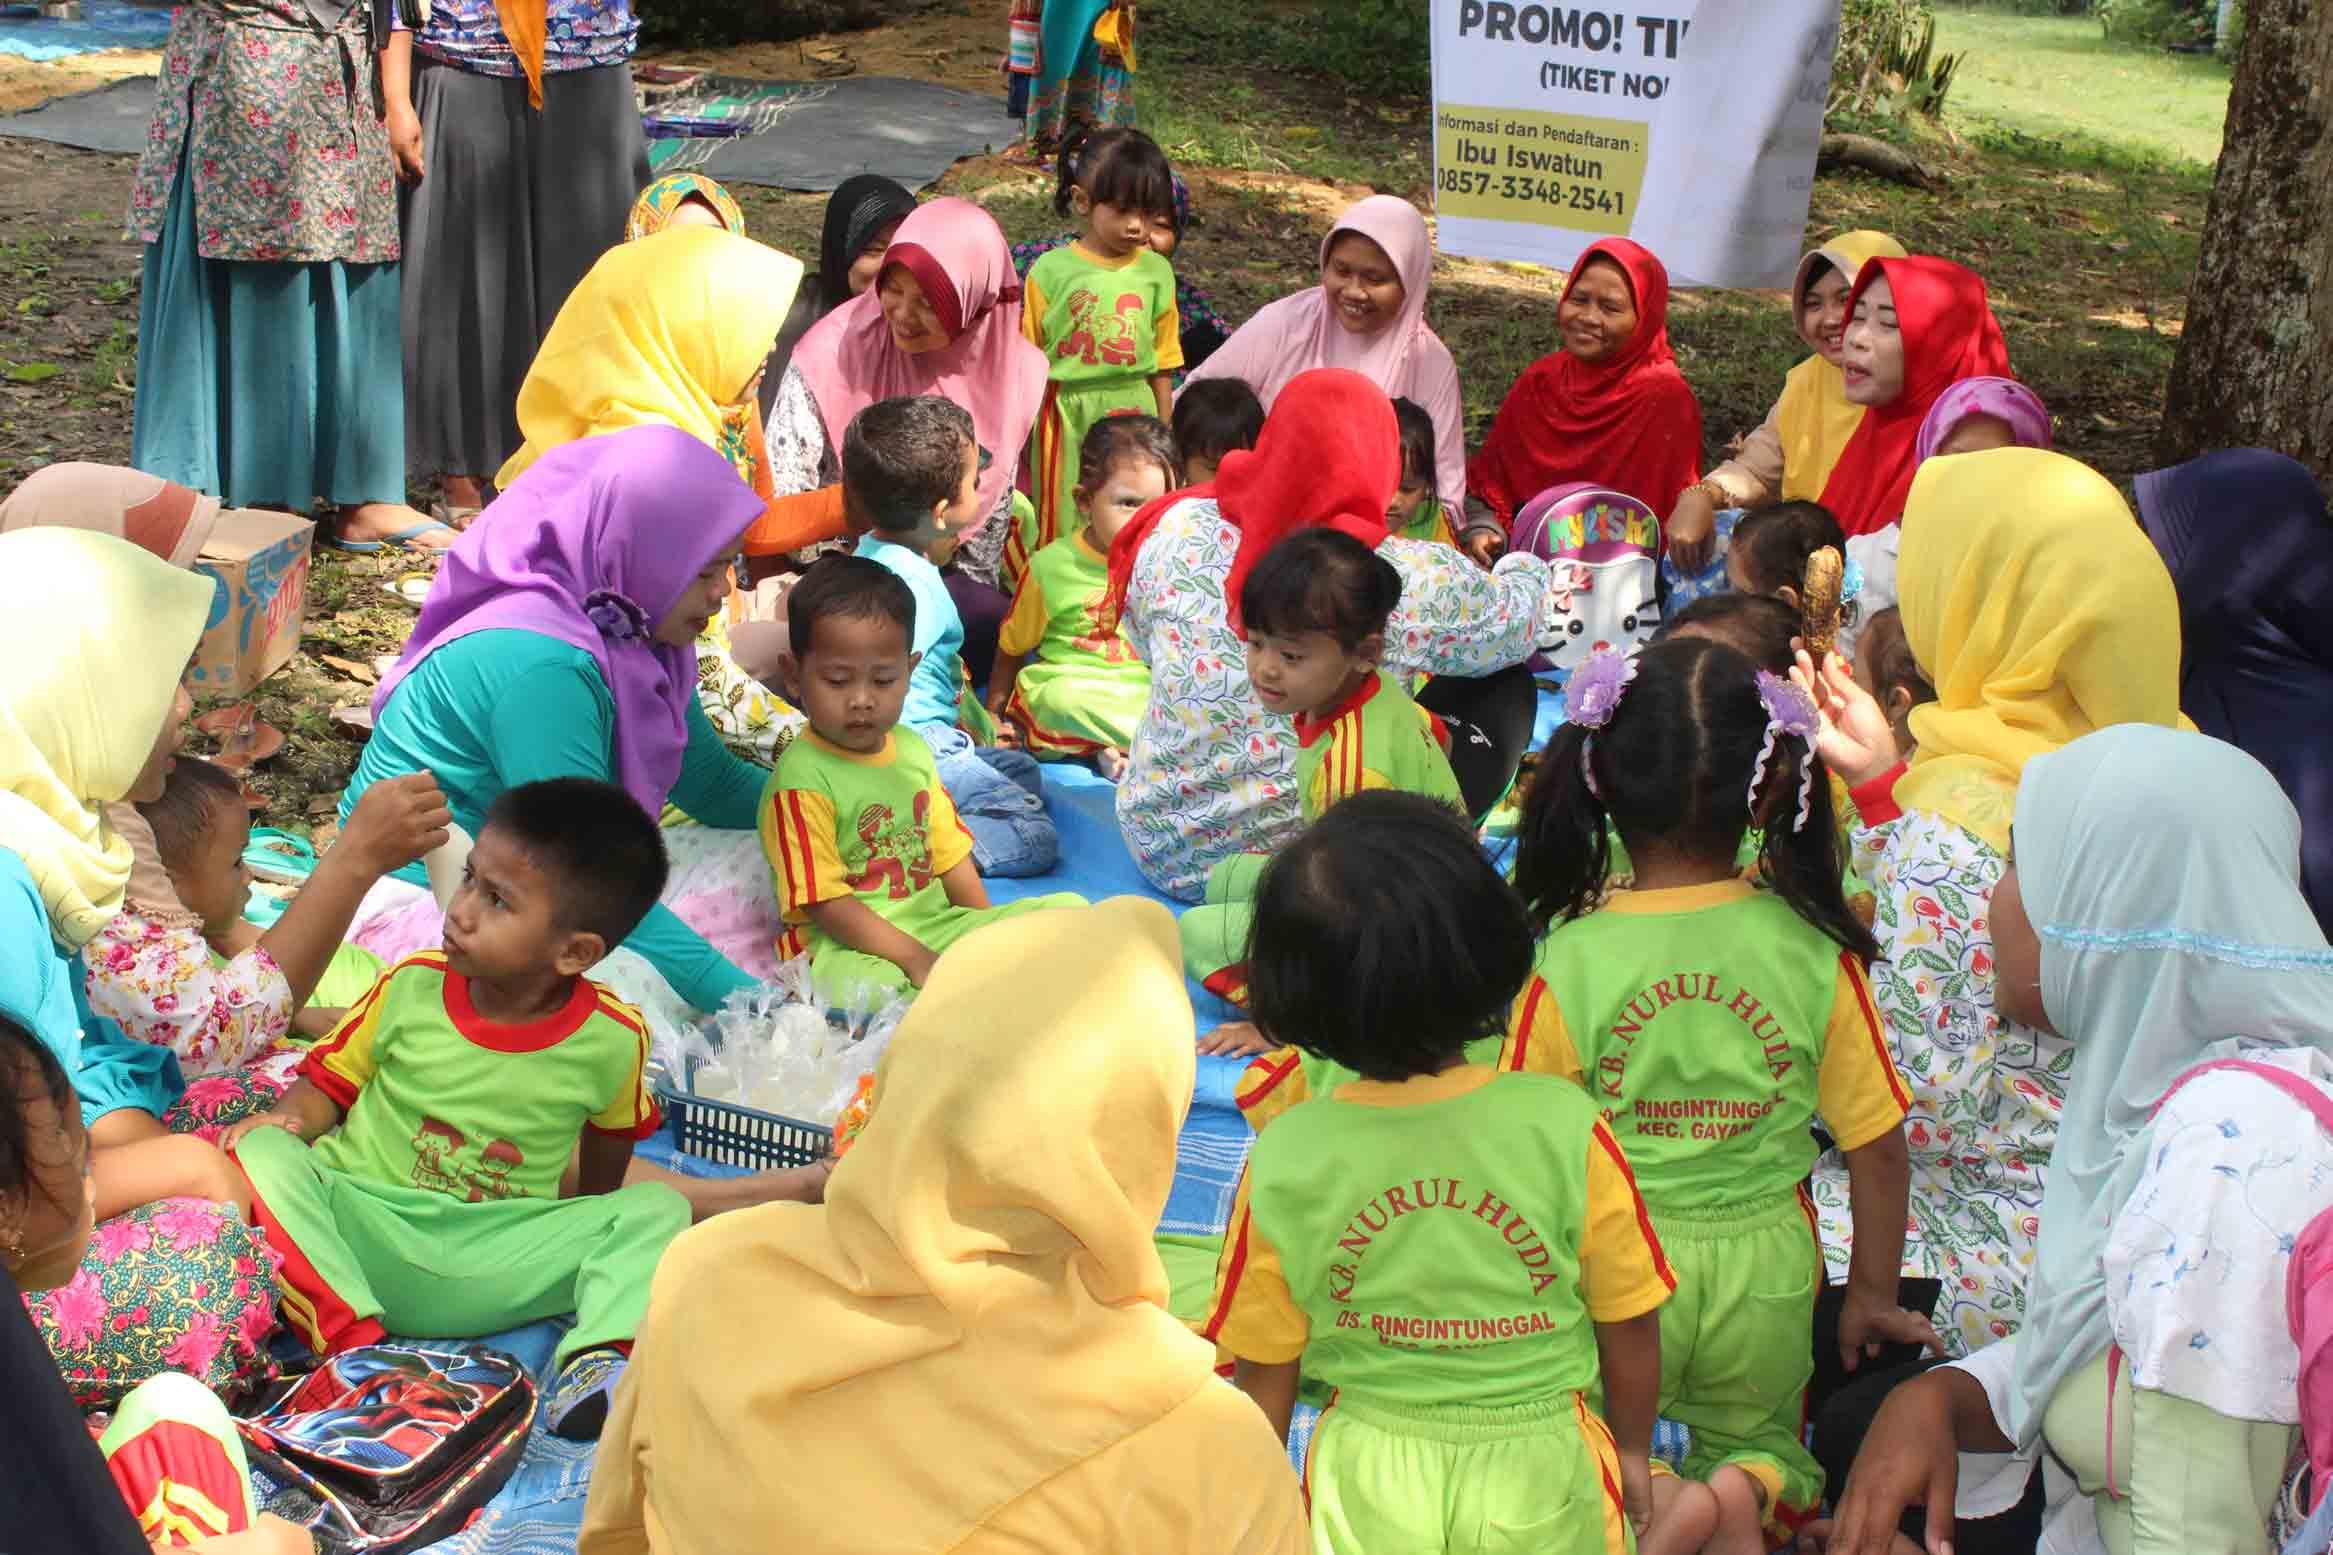 galeri-wisata-edukasi-batik-2